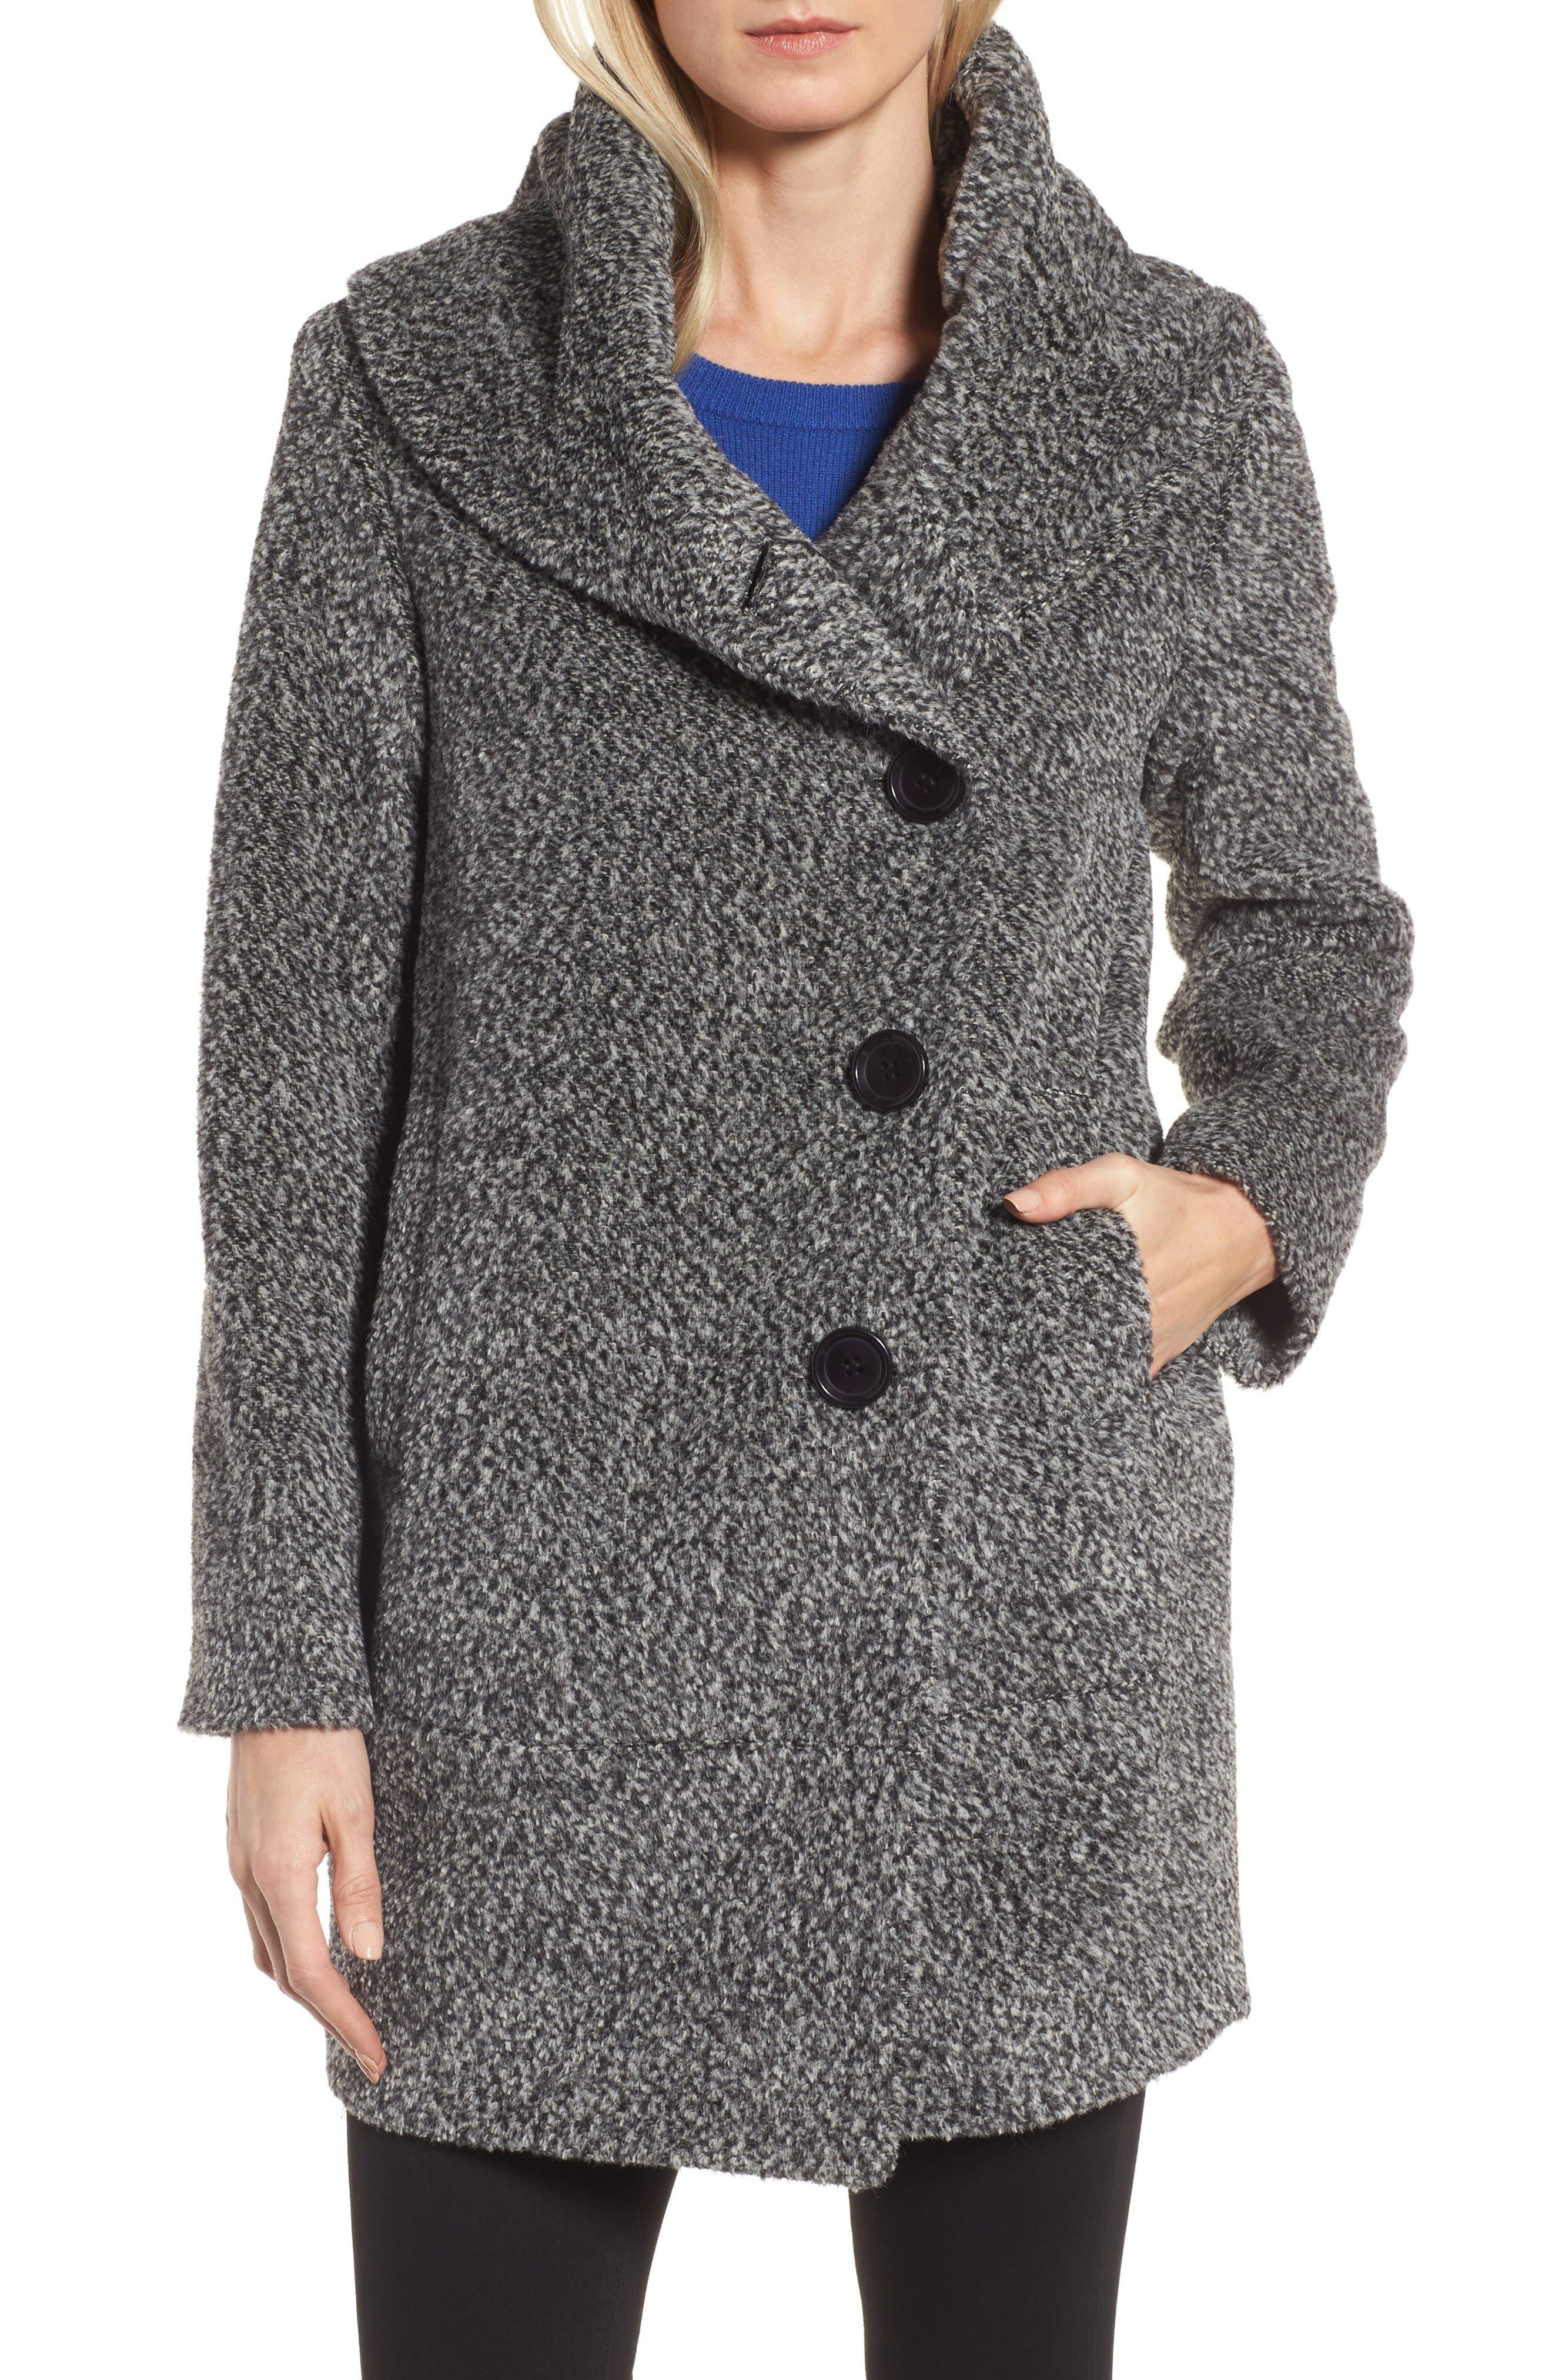 Sofia Cashmere Wool Blend Coat